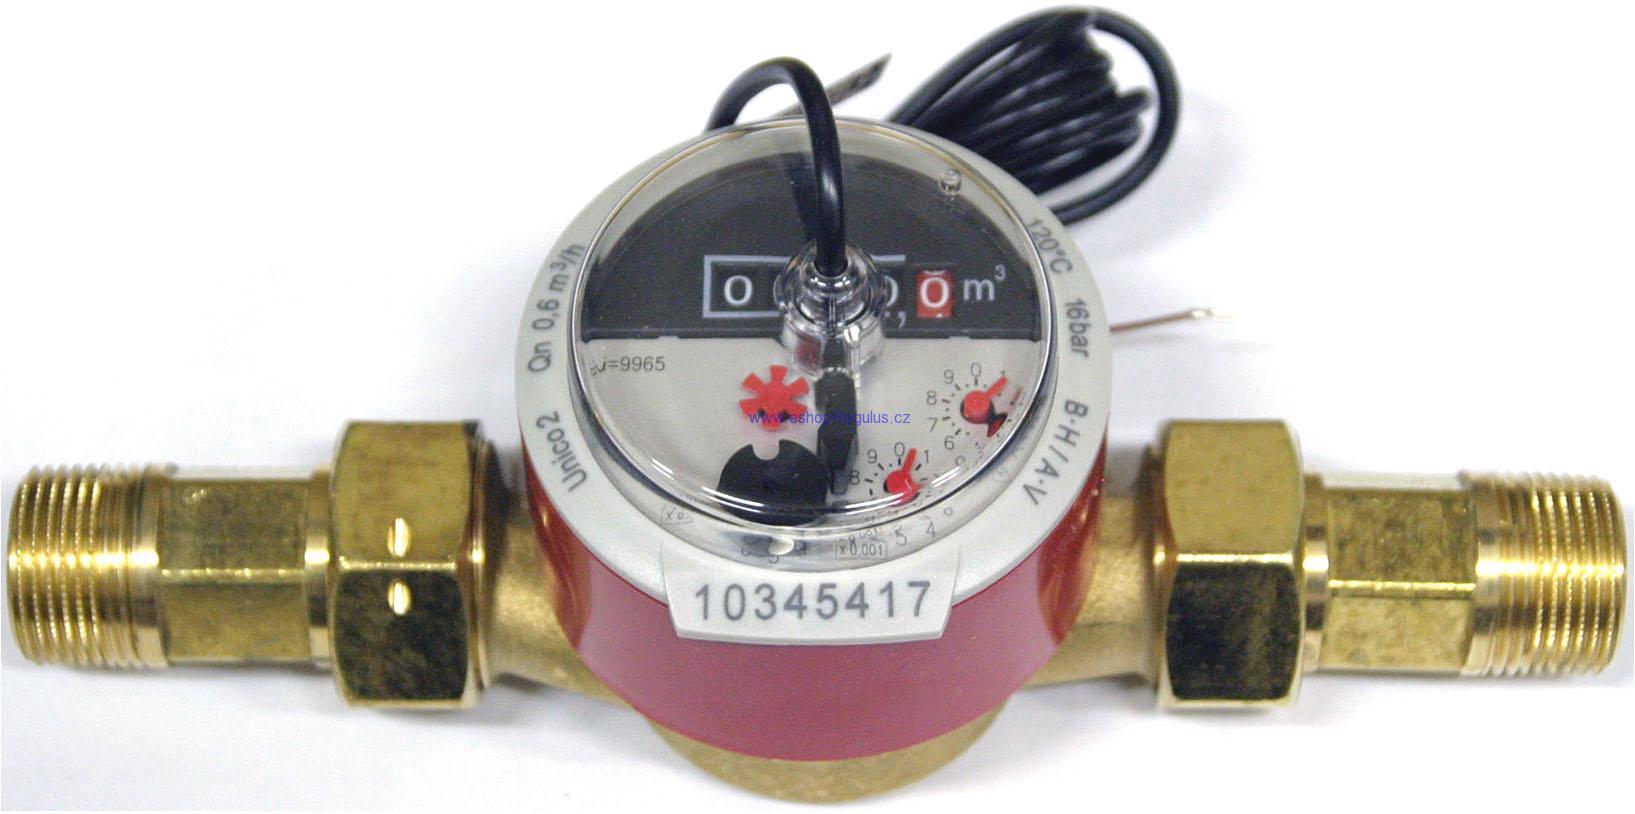 V40-06 - Průtokoměr 12-1200 l/h, DN20 2 tepl.čidla FRP30 a jímky, pro